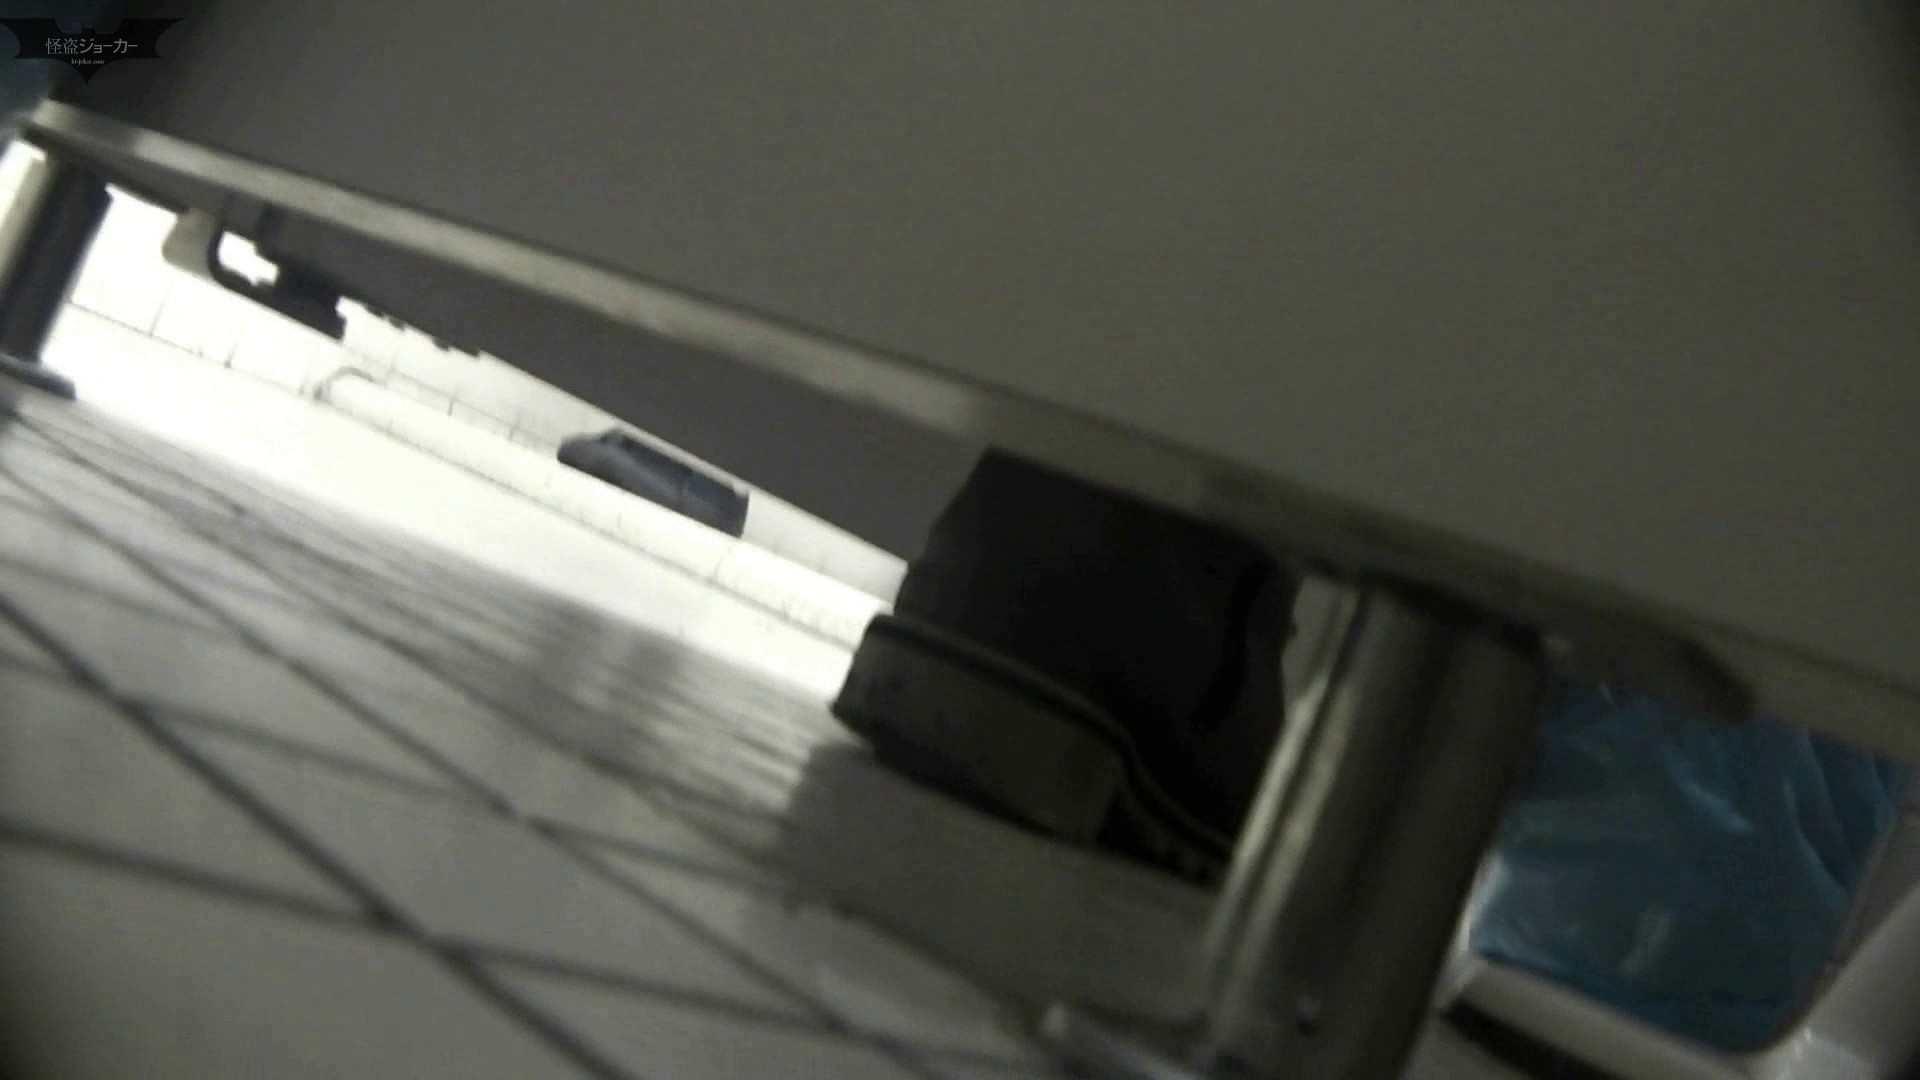 お銀さんの「洗面所突入レポート!!」 vol.53 冬到来!美女も到来! OLのボディ AV動画キャプチャ 91PIX 46